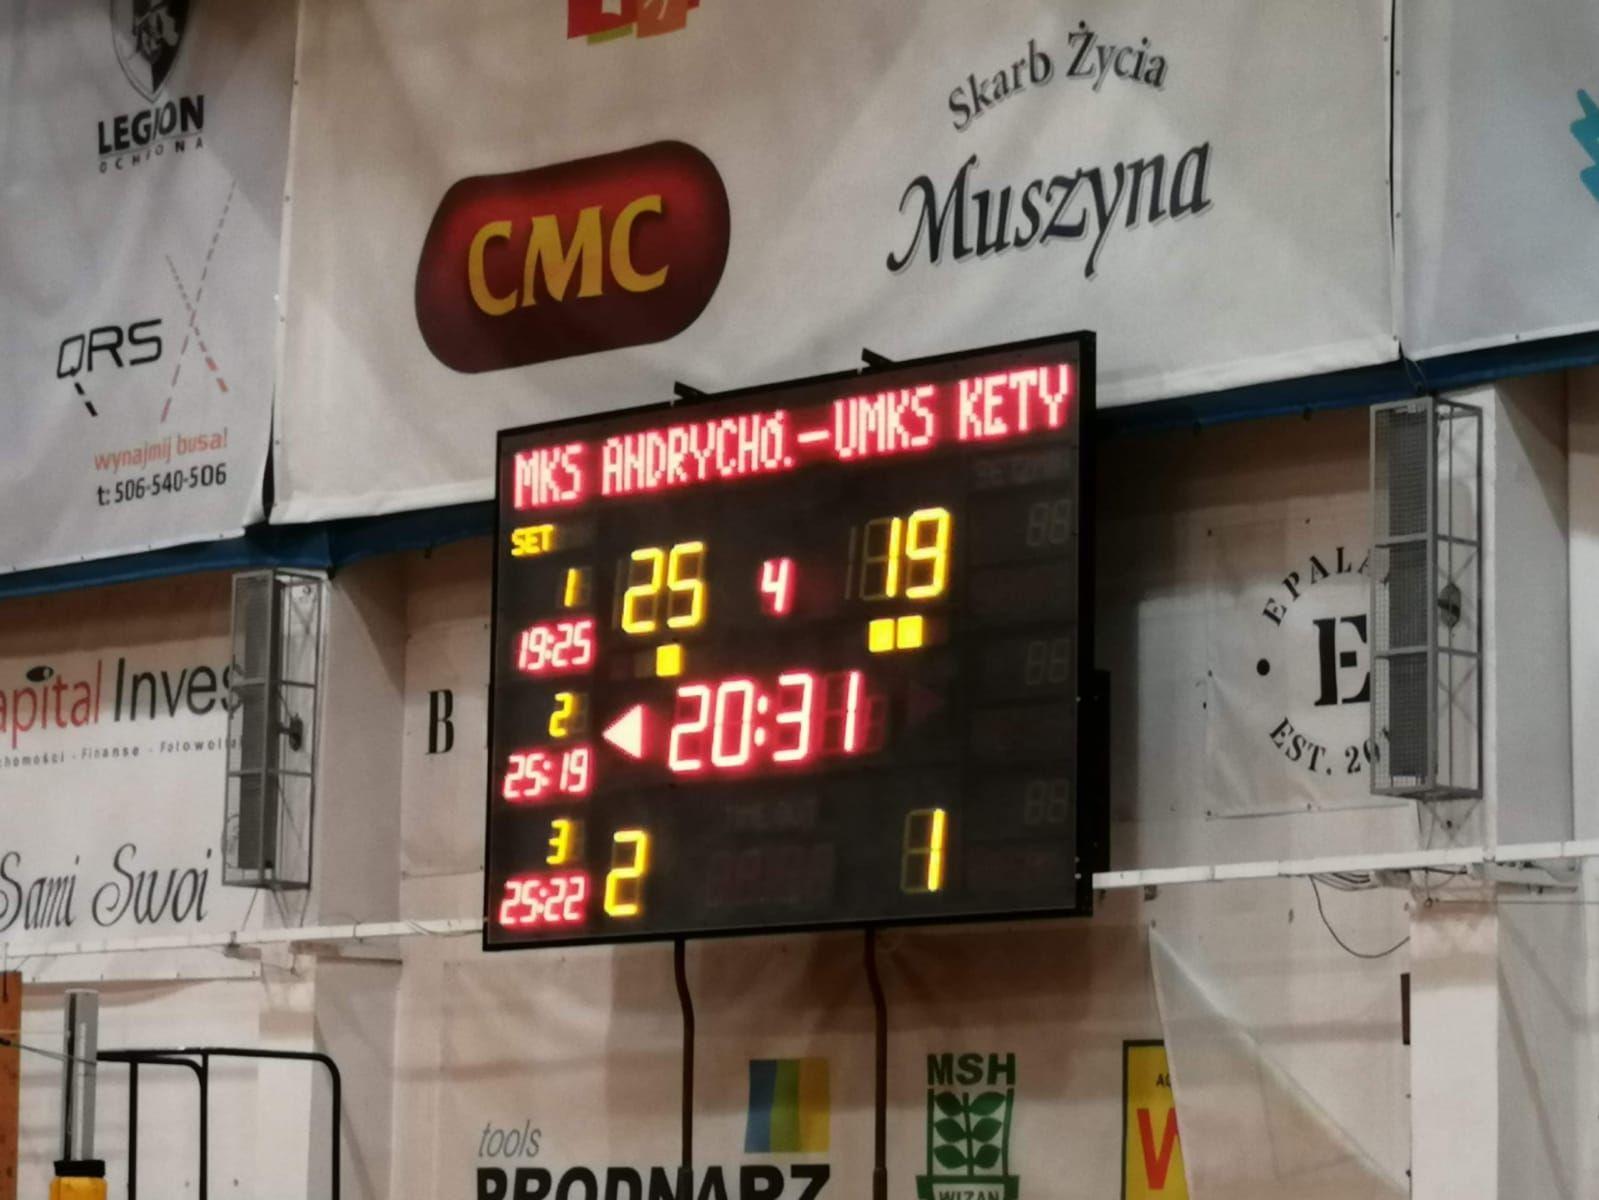 MKS Andrychów wygrywa derbowy mecz z Kęczaninem [FOTO]